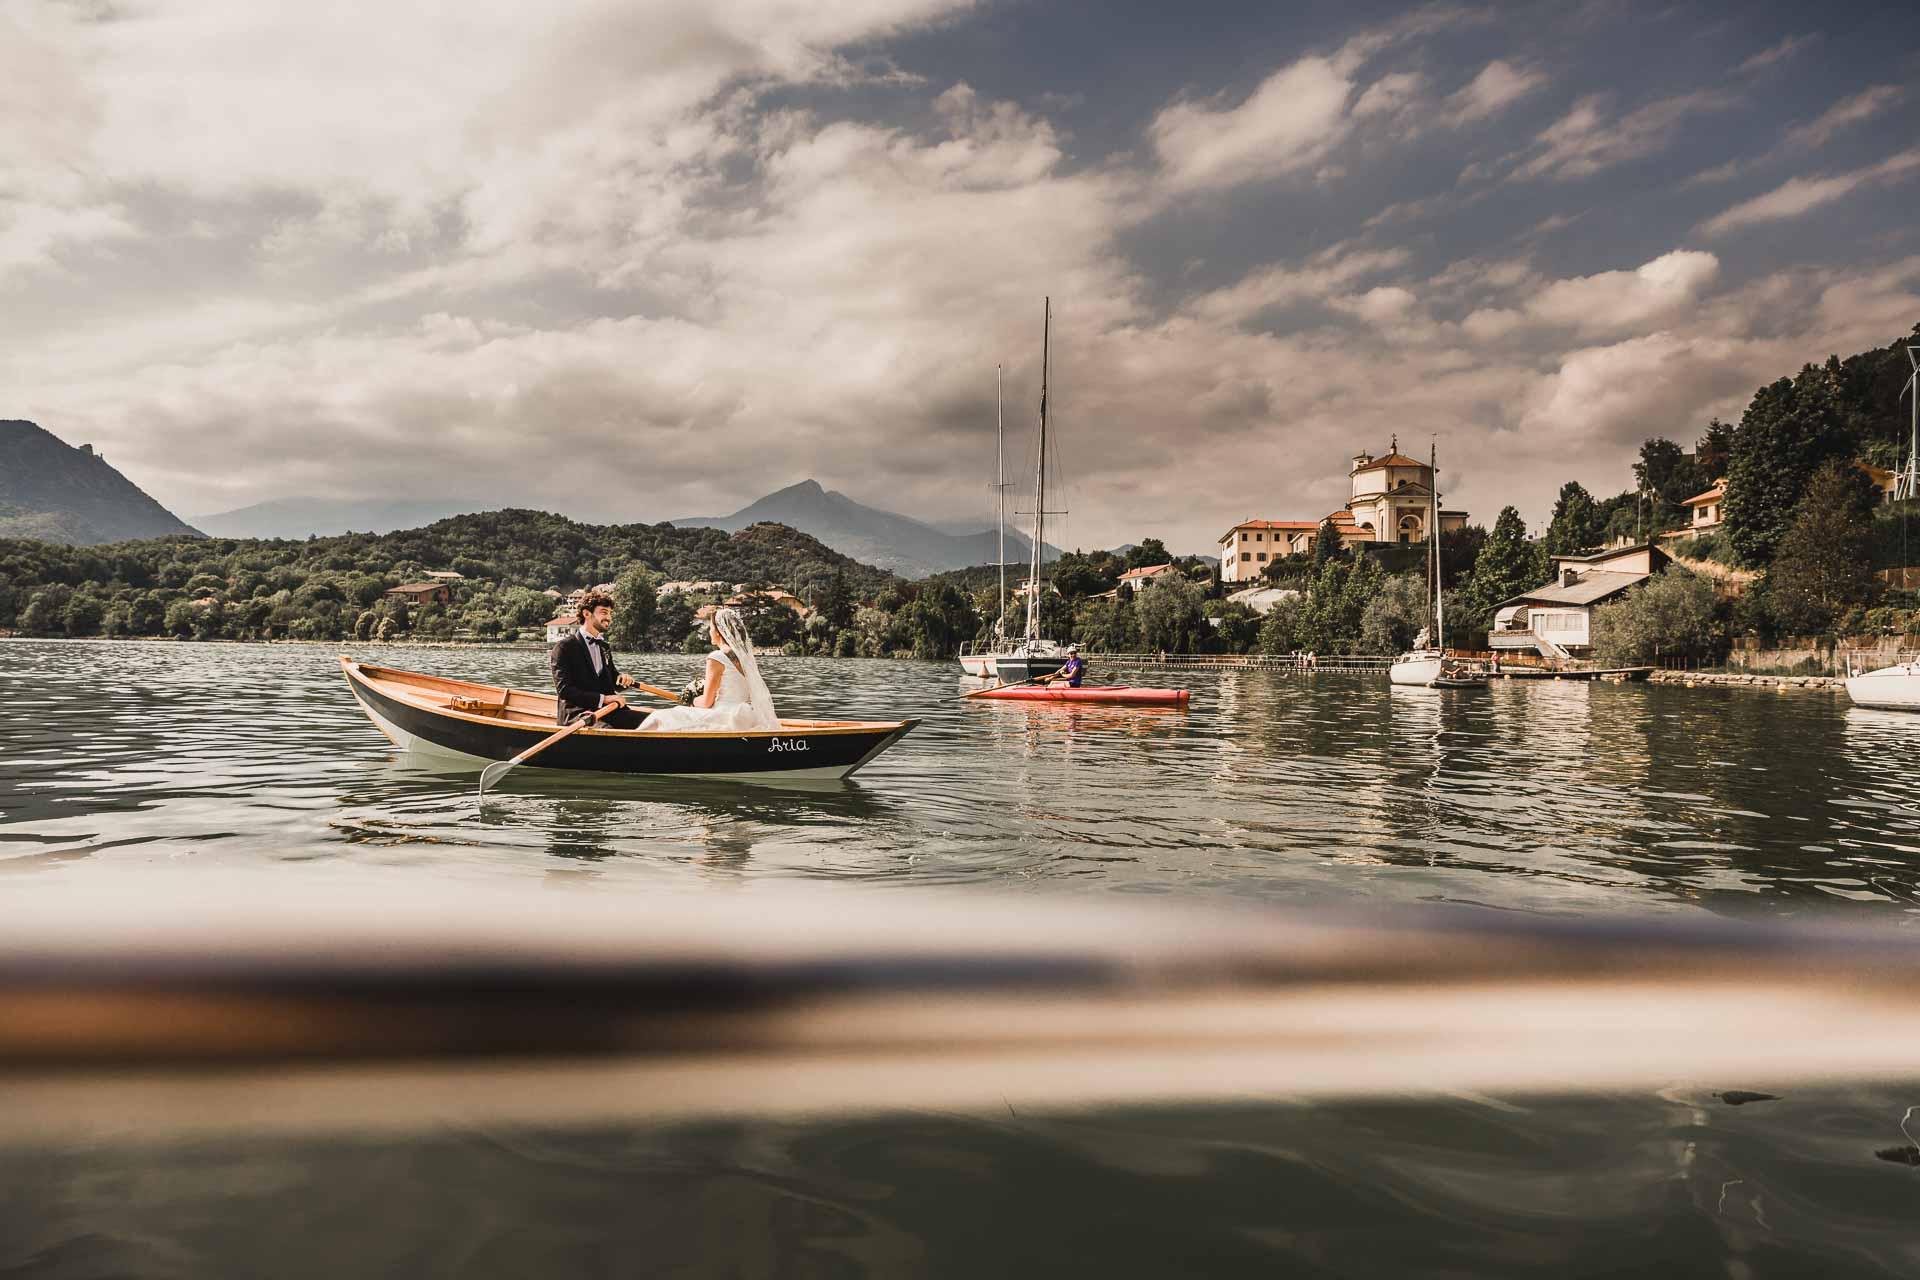 romantica-gita-in-barca-ad-avigliana